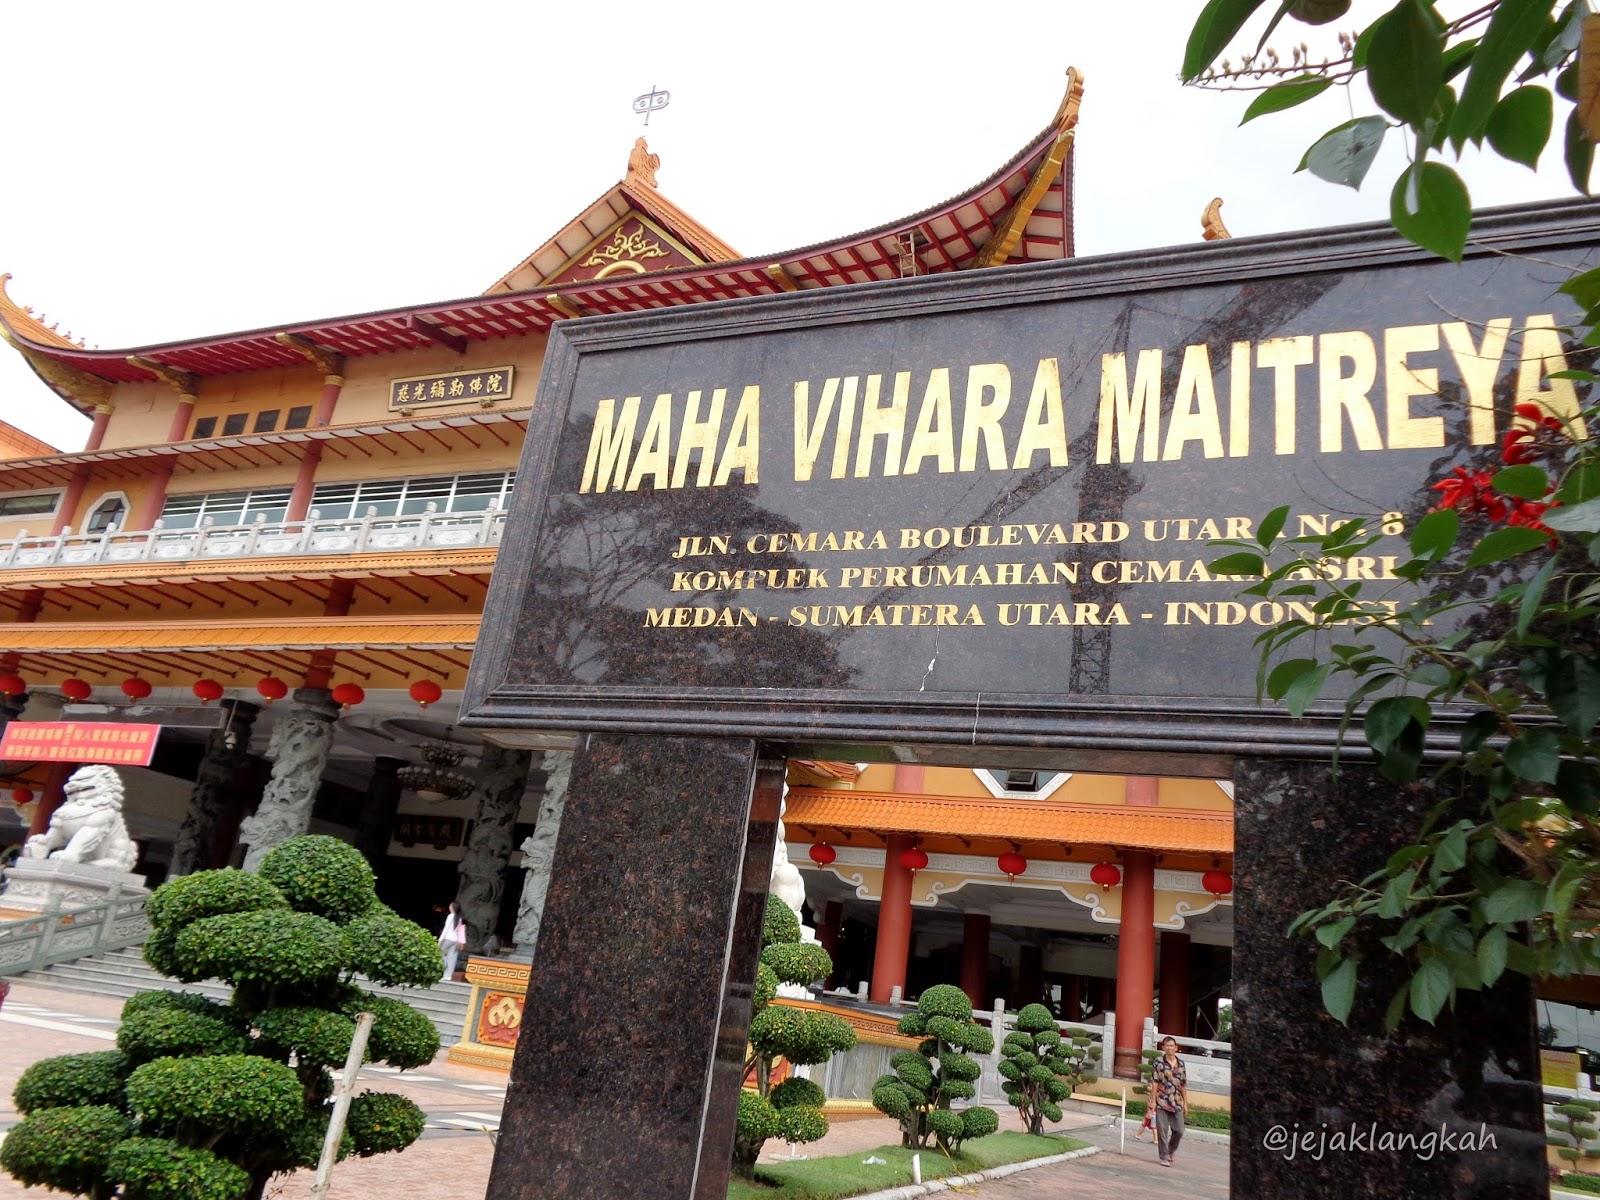 Maha Vihara Maitreya Bludstory Kota Medan